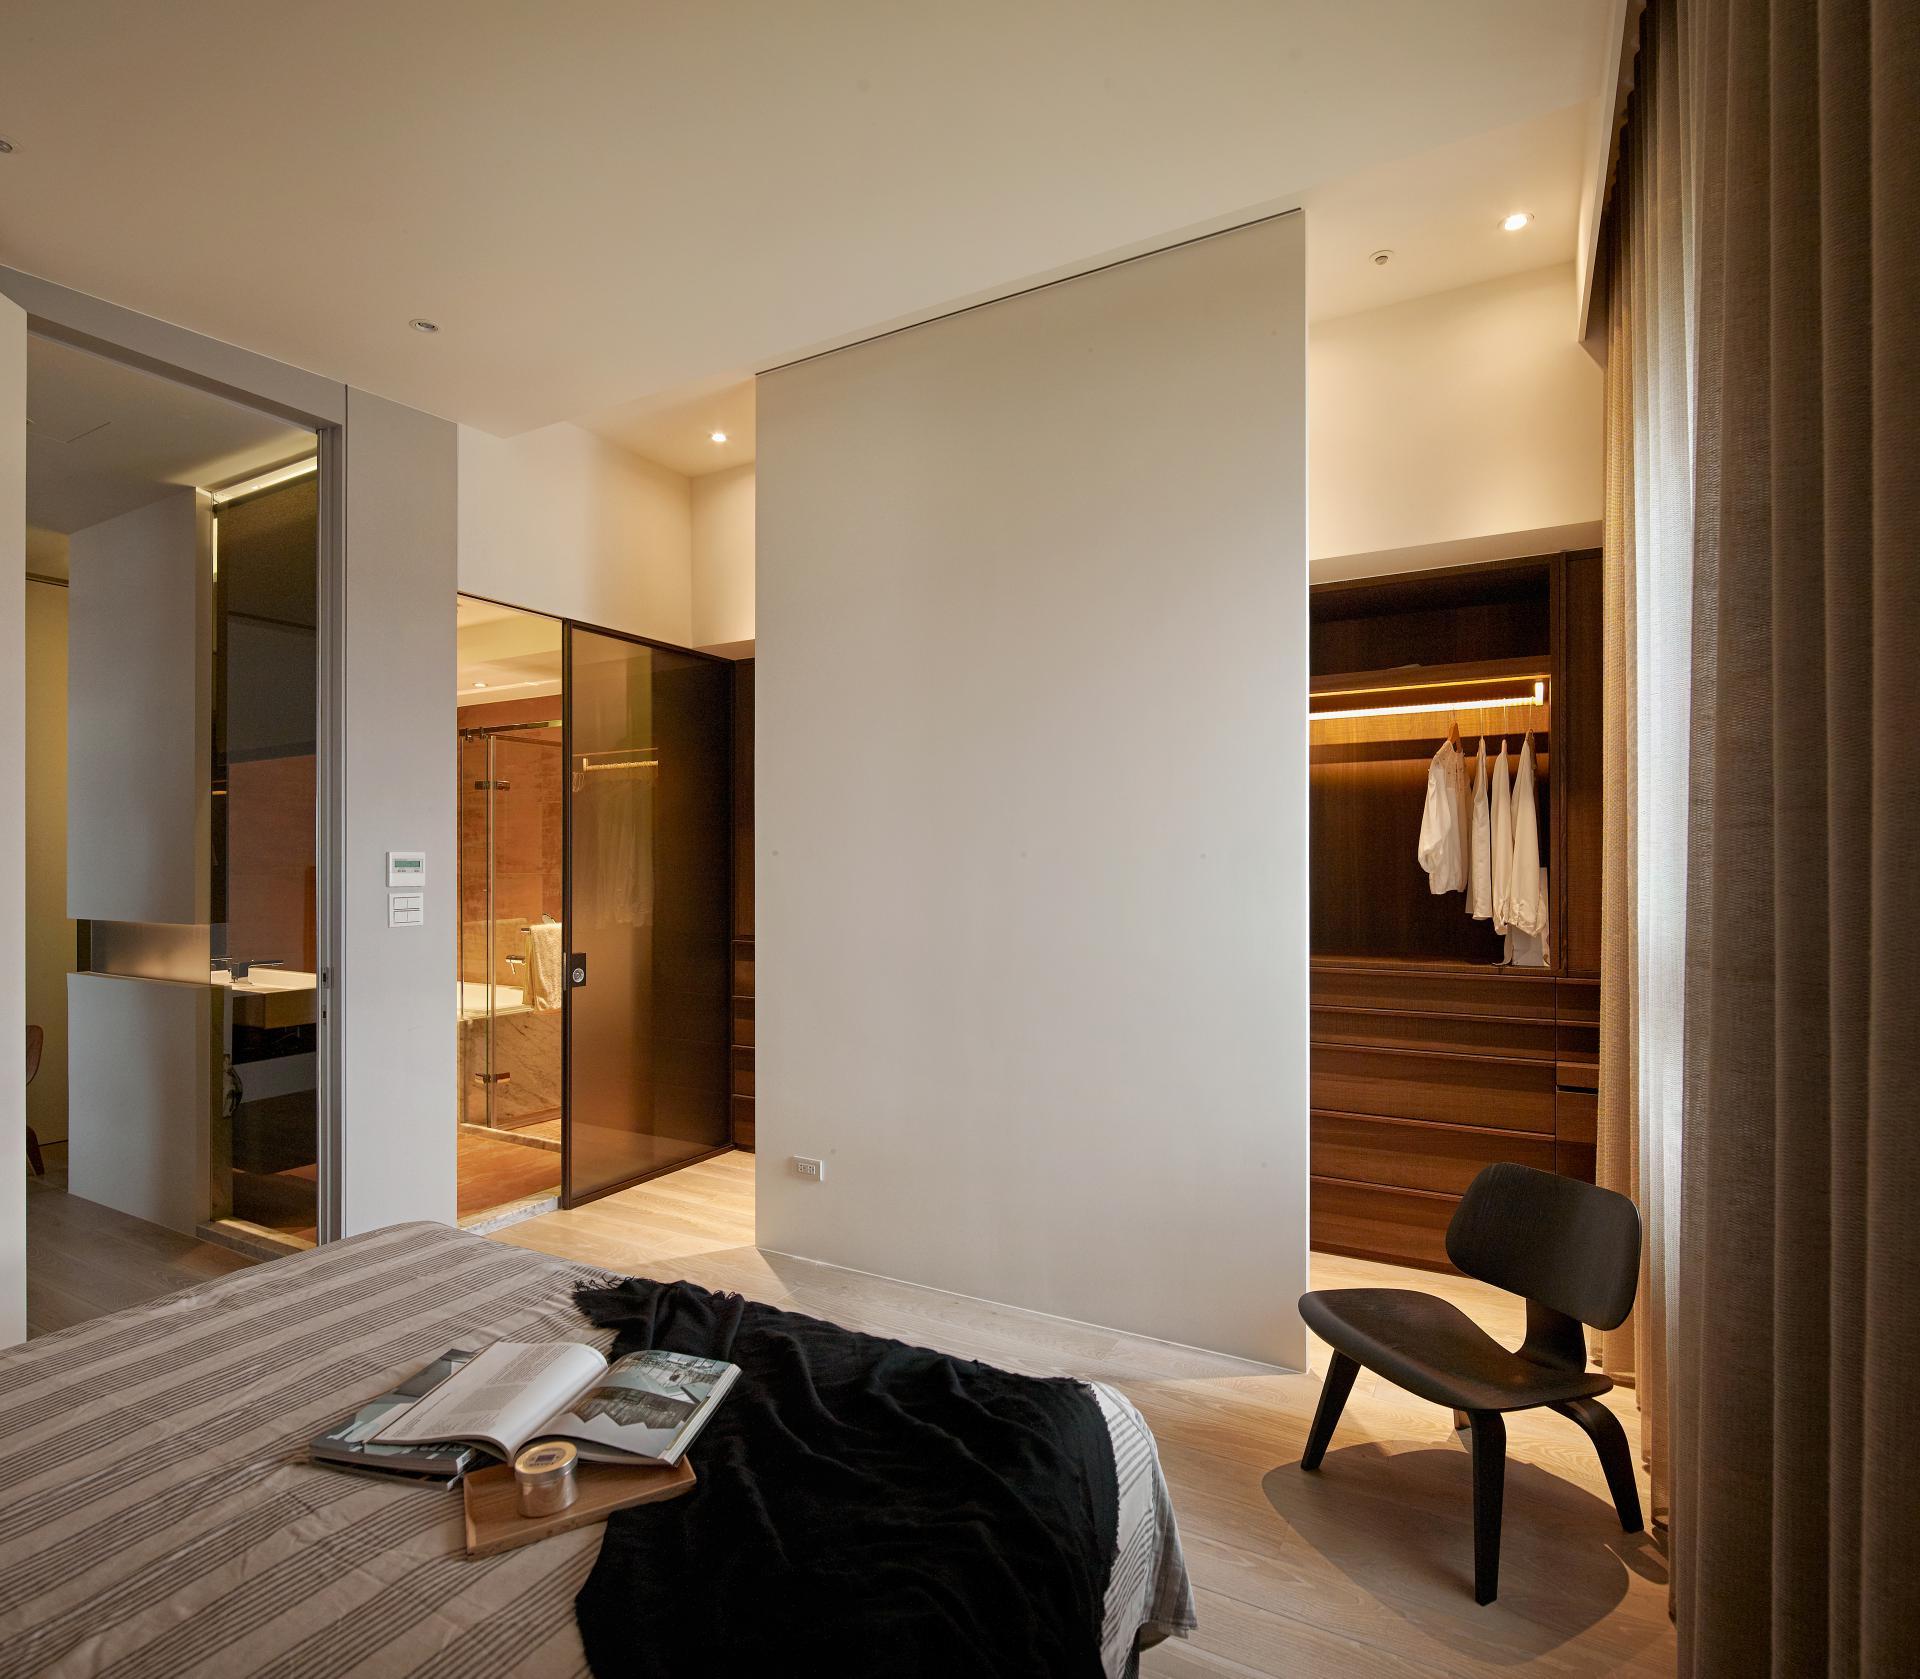 Wedo thiết kế nội thất phòng ngủ đẹp lấy cảm hứng từ thiên nhiên